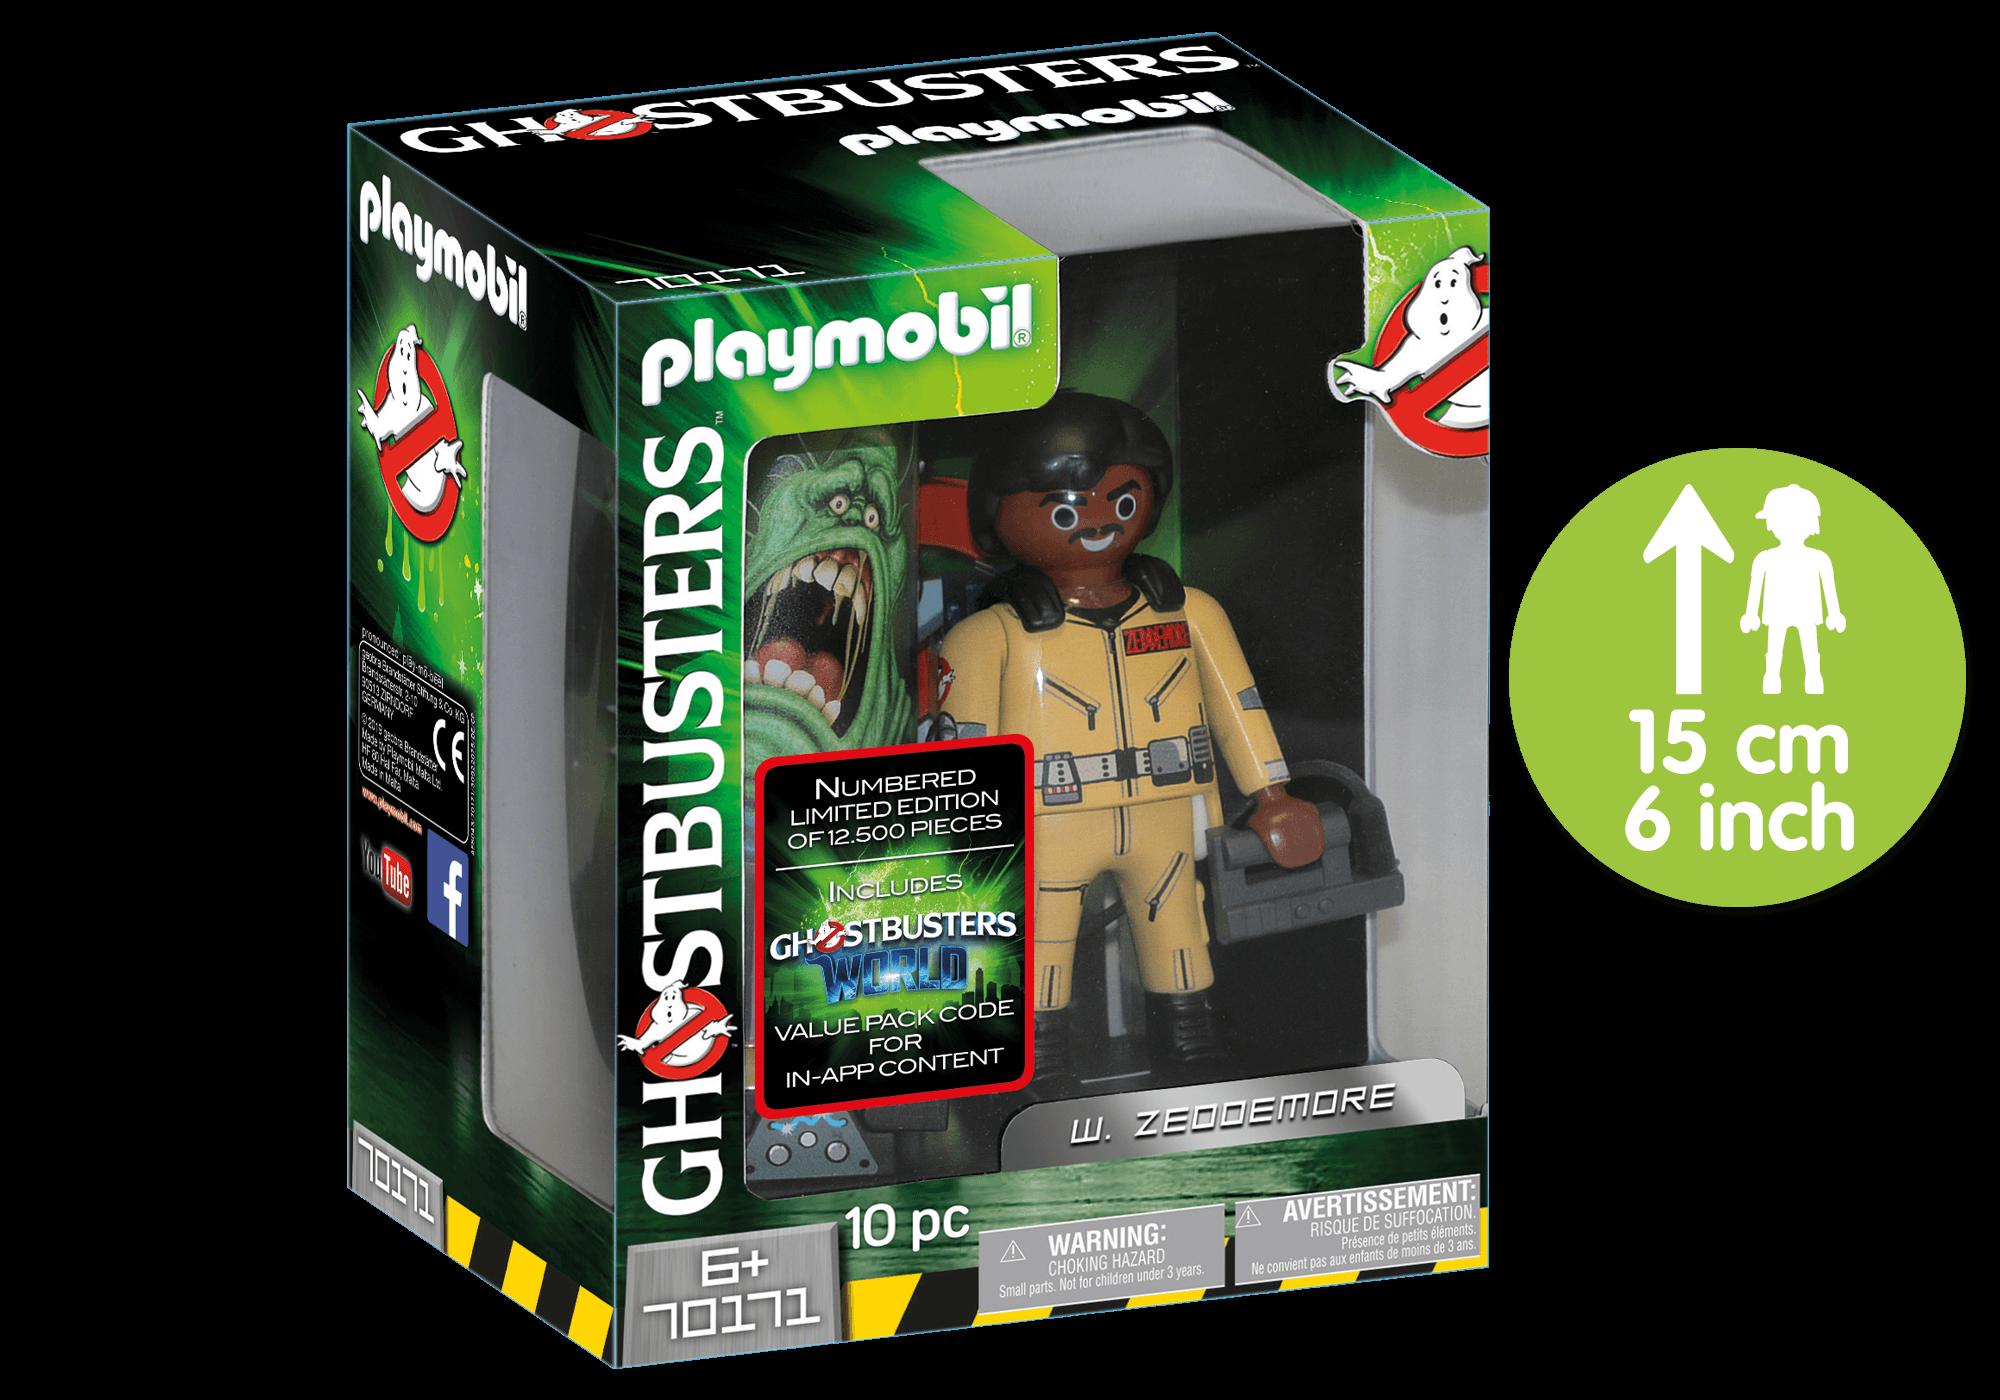 http://media.playmobil.com/i/playmobil/70171_product_detail/Ghostbusters™ Figura Colecionável W.Zeddemore